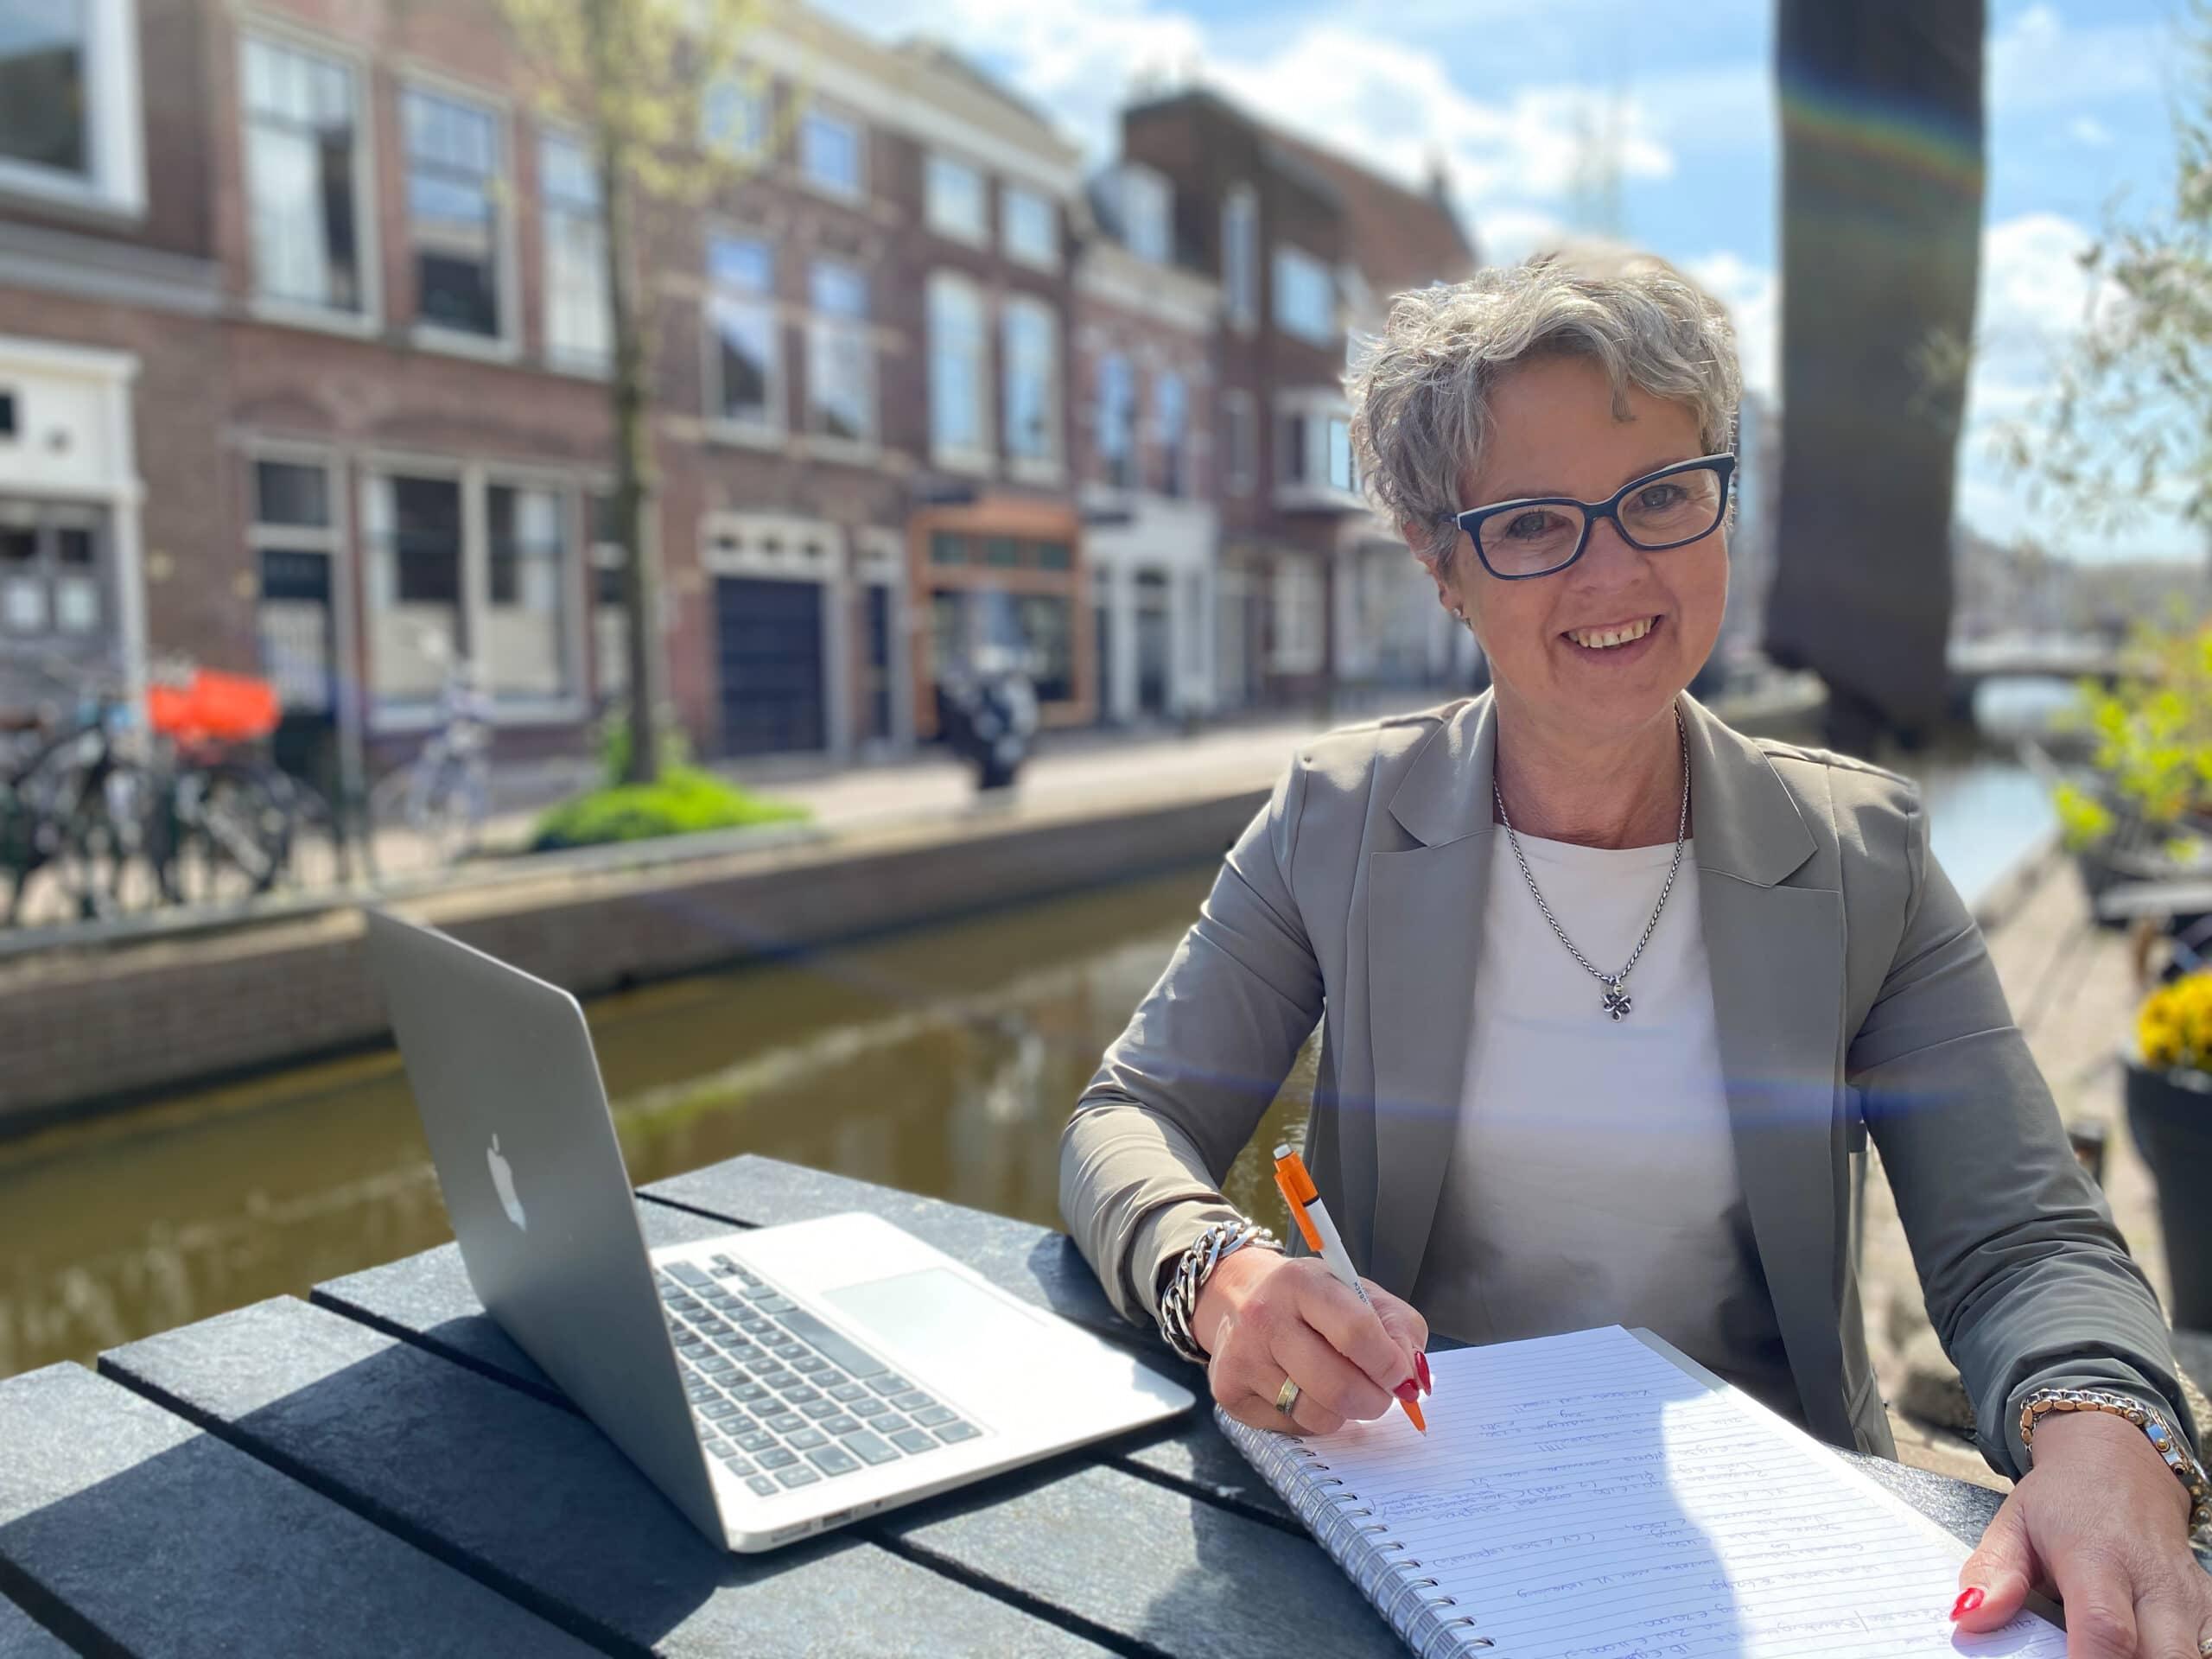 'Ik heb van dichtbij gezien hoeveel stress loonbeslag legt', Caroline Hertog, zelfstandig budgetcoach